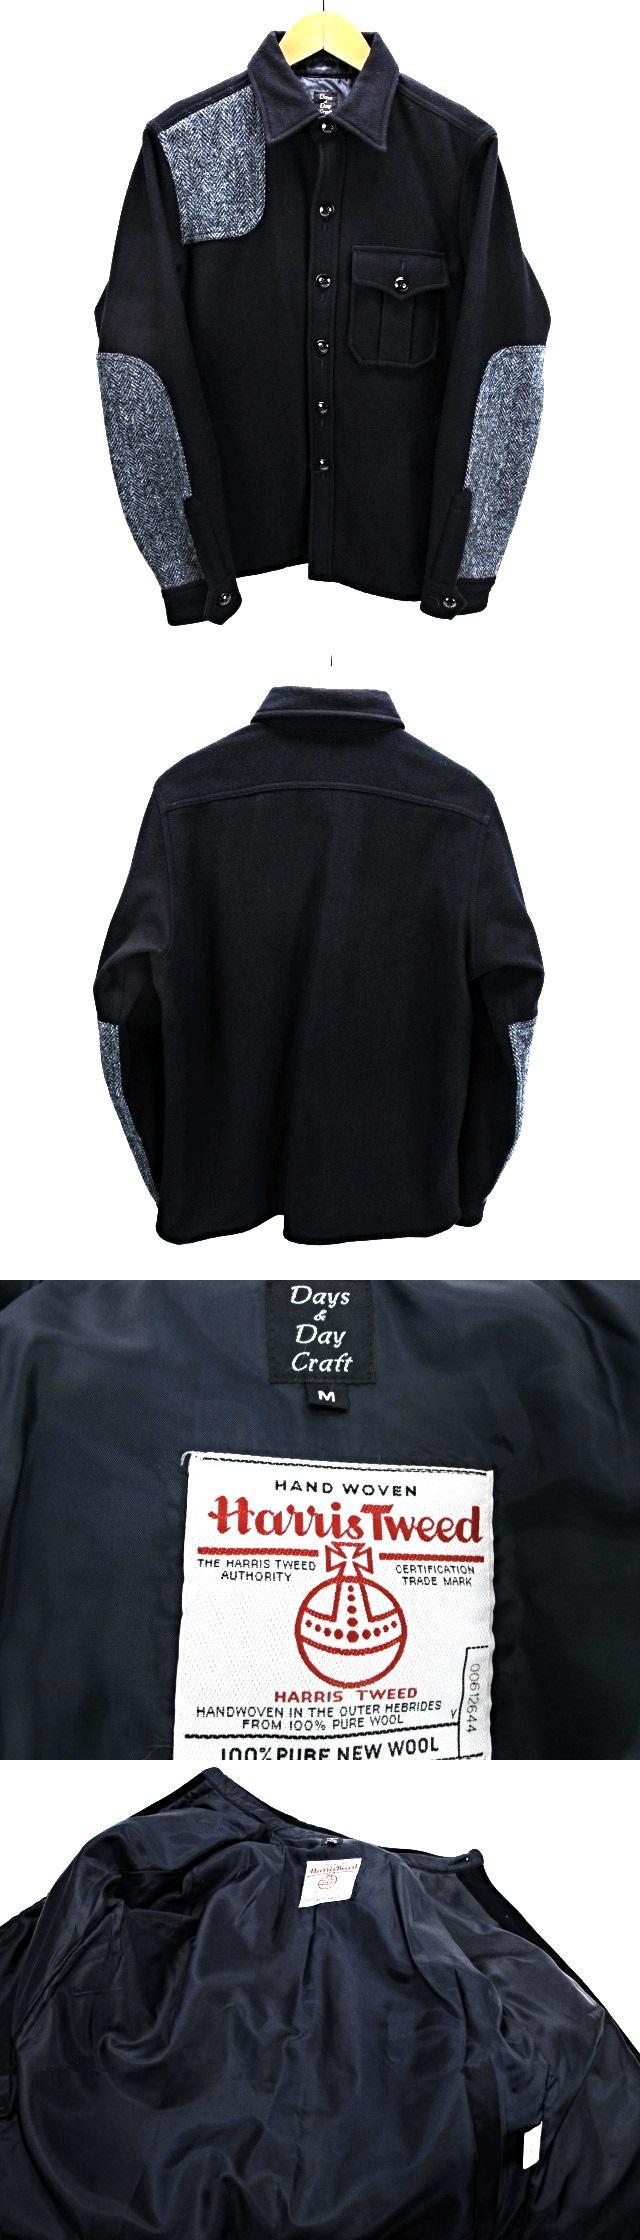 デイズ&デイクラフト Days & DayCraft ハリスツイード CPOシャツジャケット 切り替え ハリス×メルトン M 紺 ネイビー